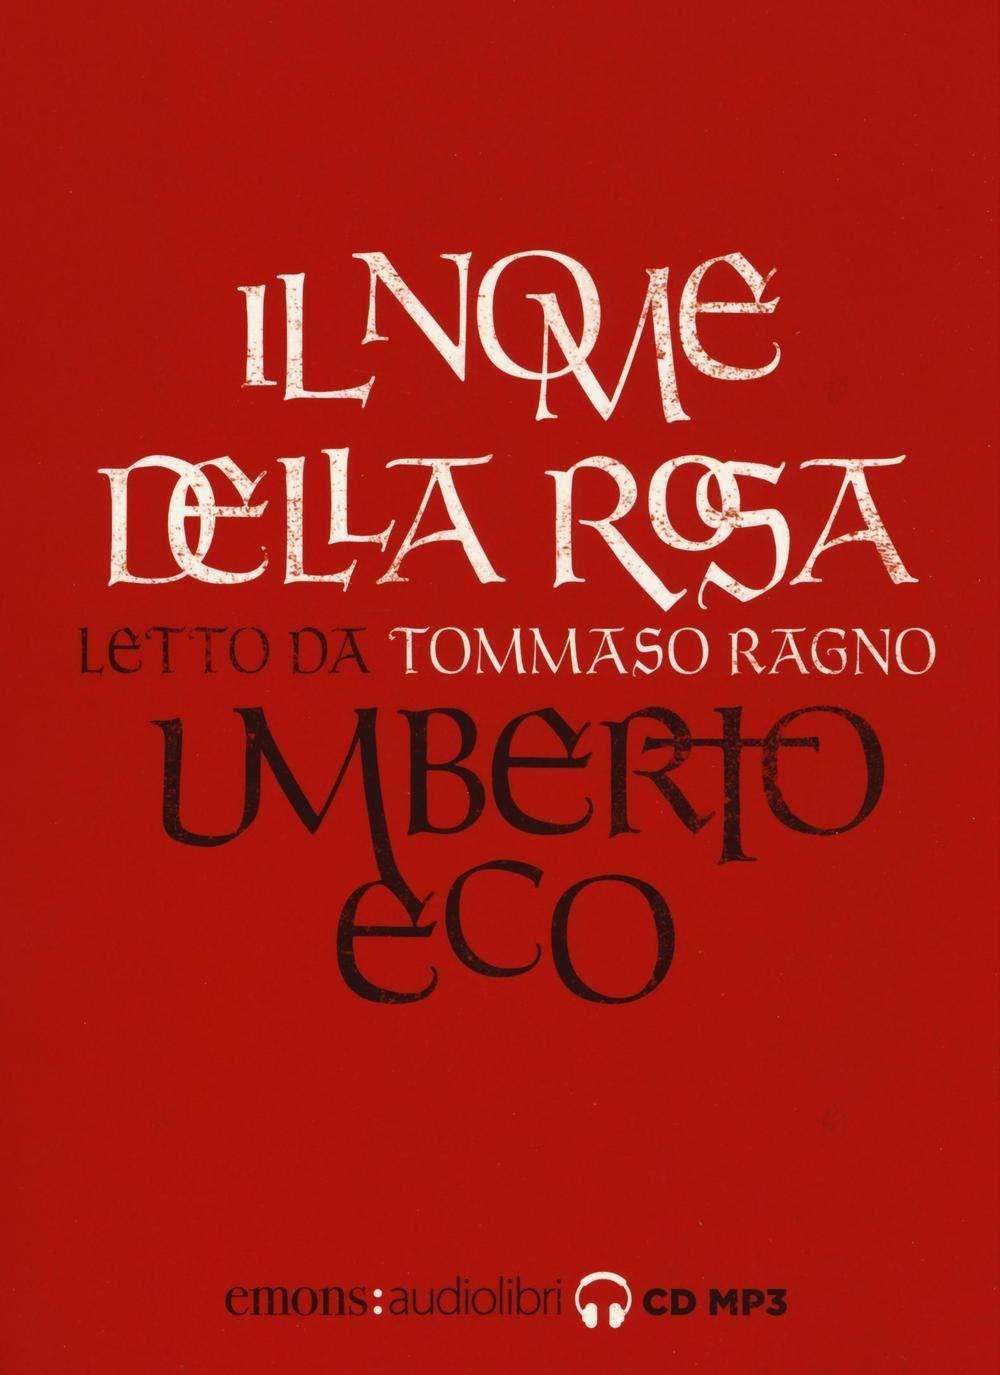 Audiolibro Umberto Eco - Eco, Umberto (Audiolibro) NUOVO SIGILLATO, EDIZIONE DEL 01/12/2016 SUBITO DISPONIBILE